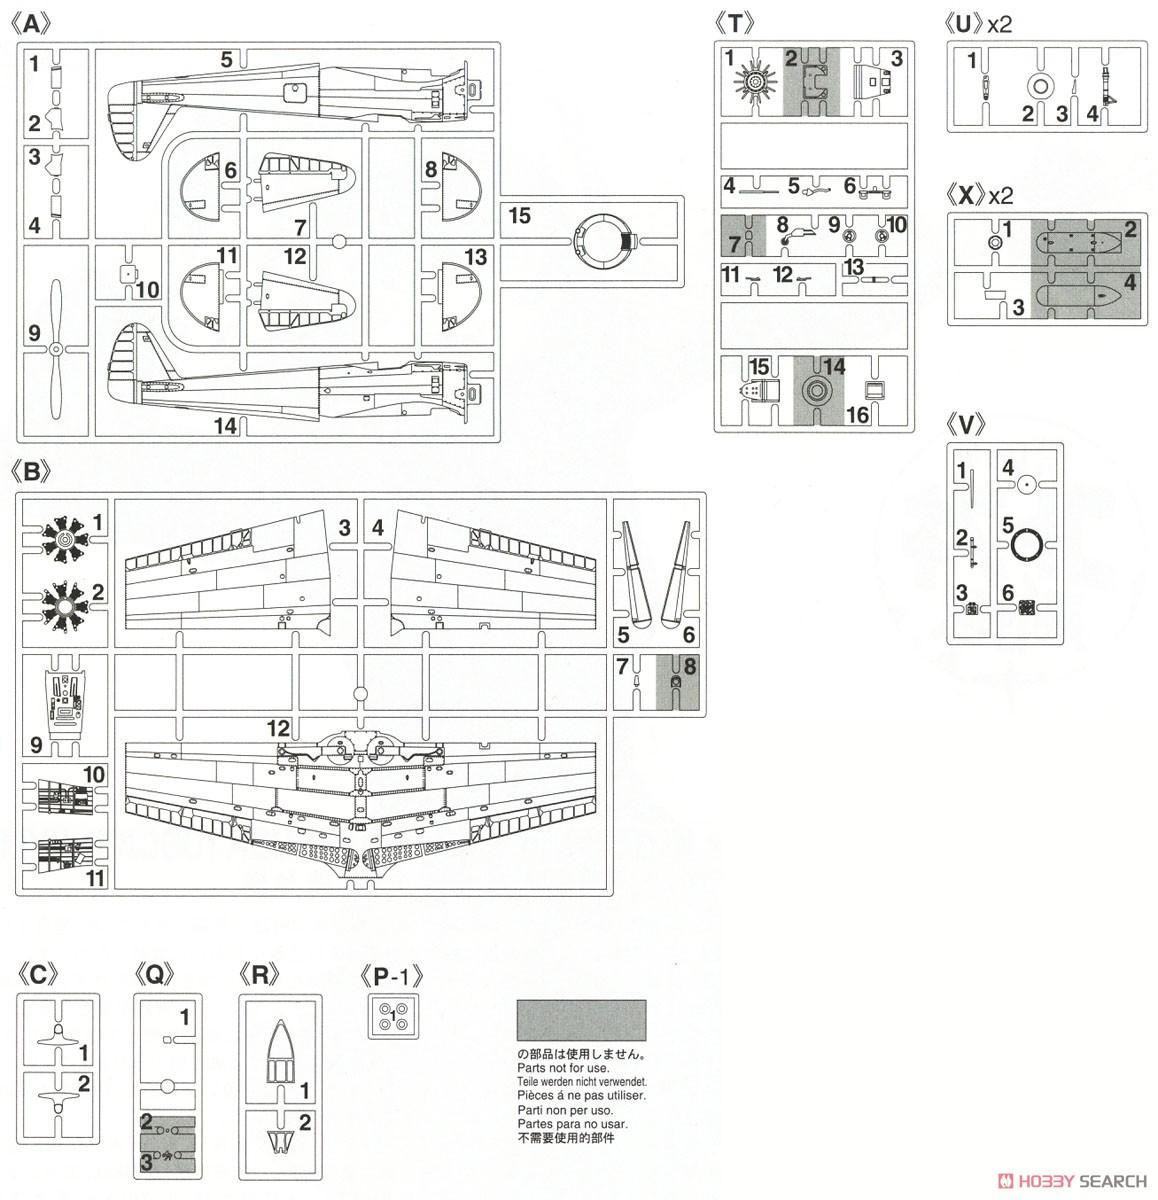 荒野のコトブキ飛行隊『一式戦闘機 隼 I型 キリエ機』1/48 プラモデル-015